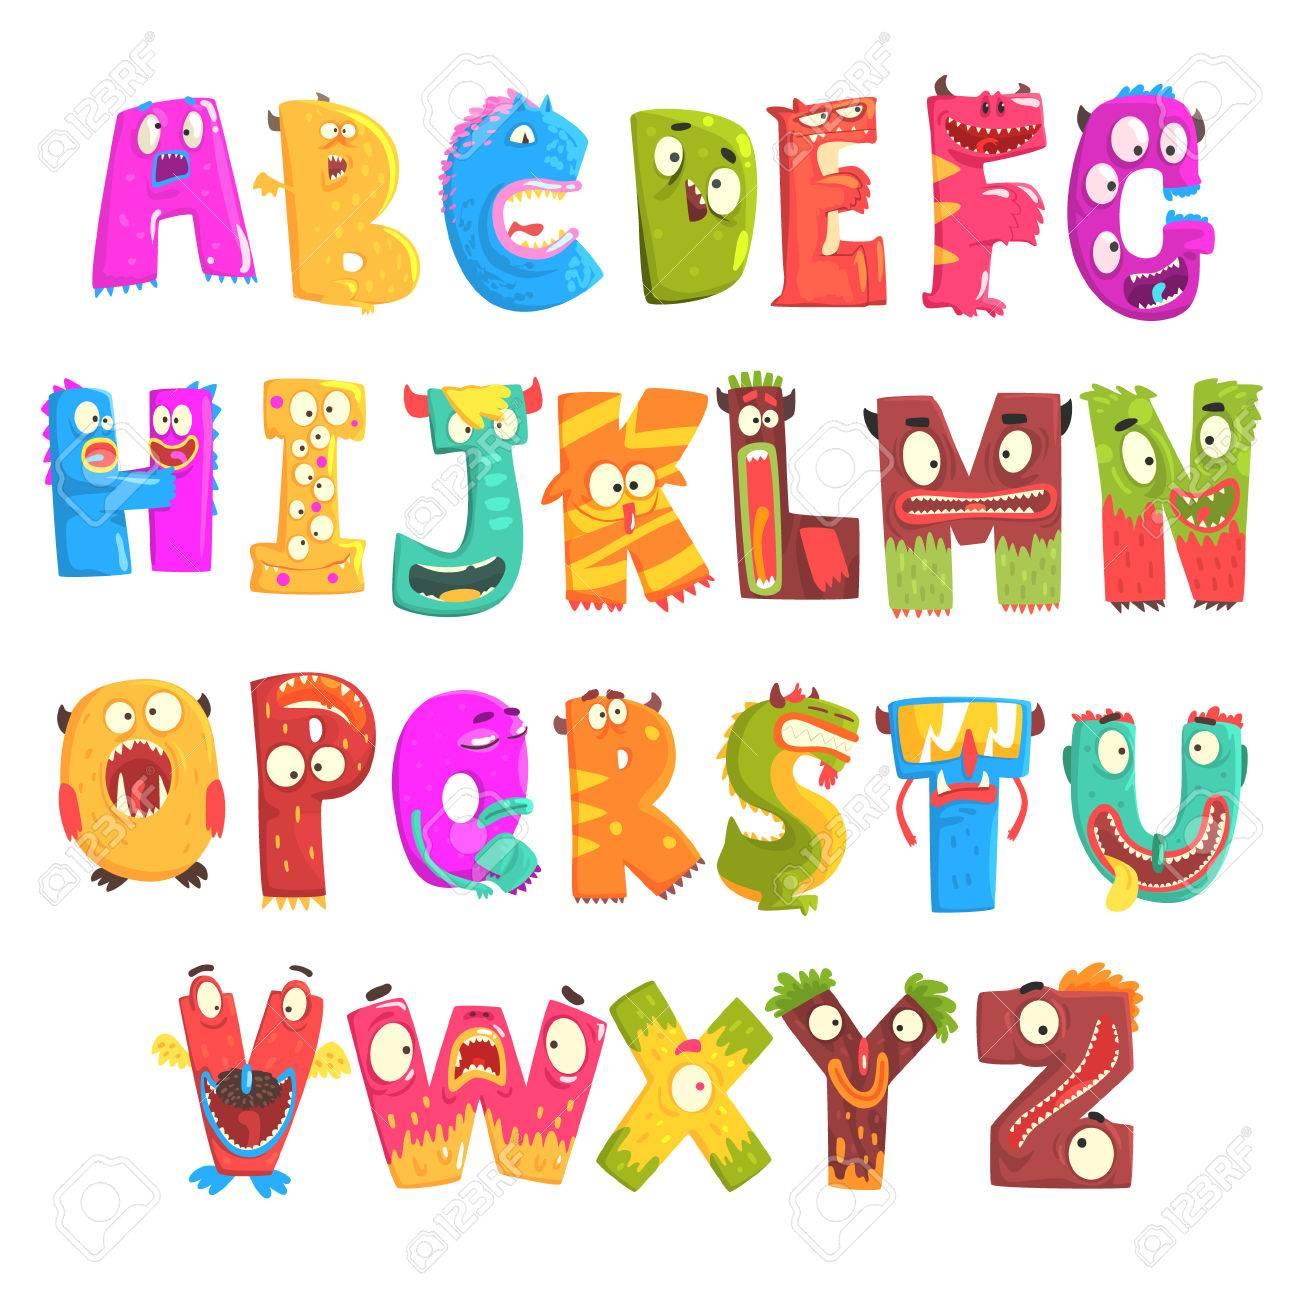 Alfabeto Ingles De Criancas Coloridas Dos Desenhos Animados Com